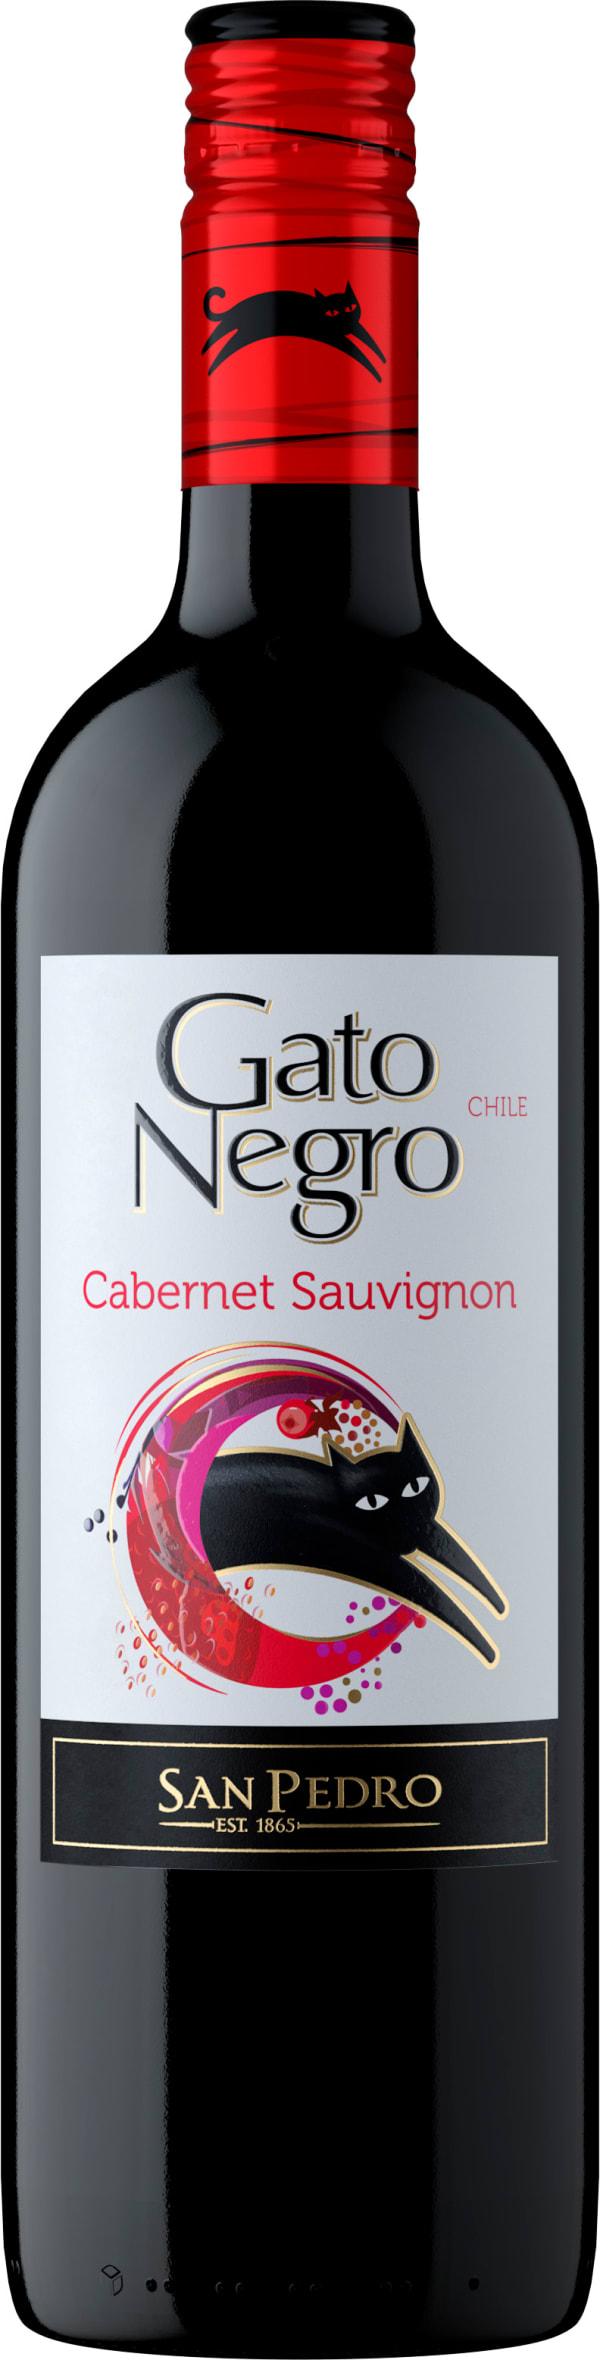 Gato Negro Cabernet Sauvignon 2019